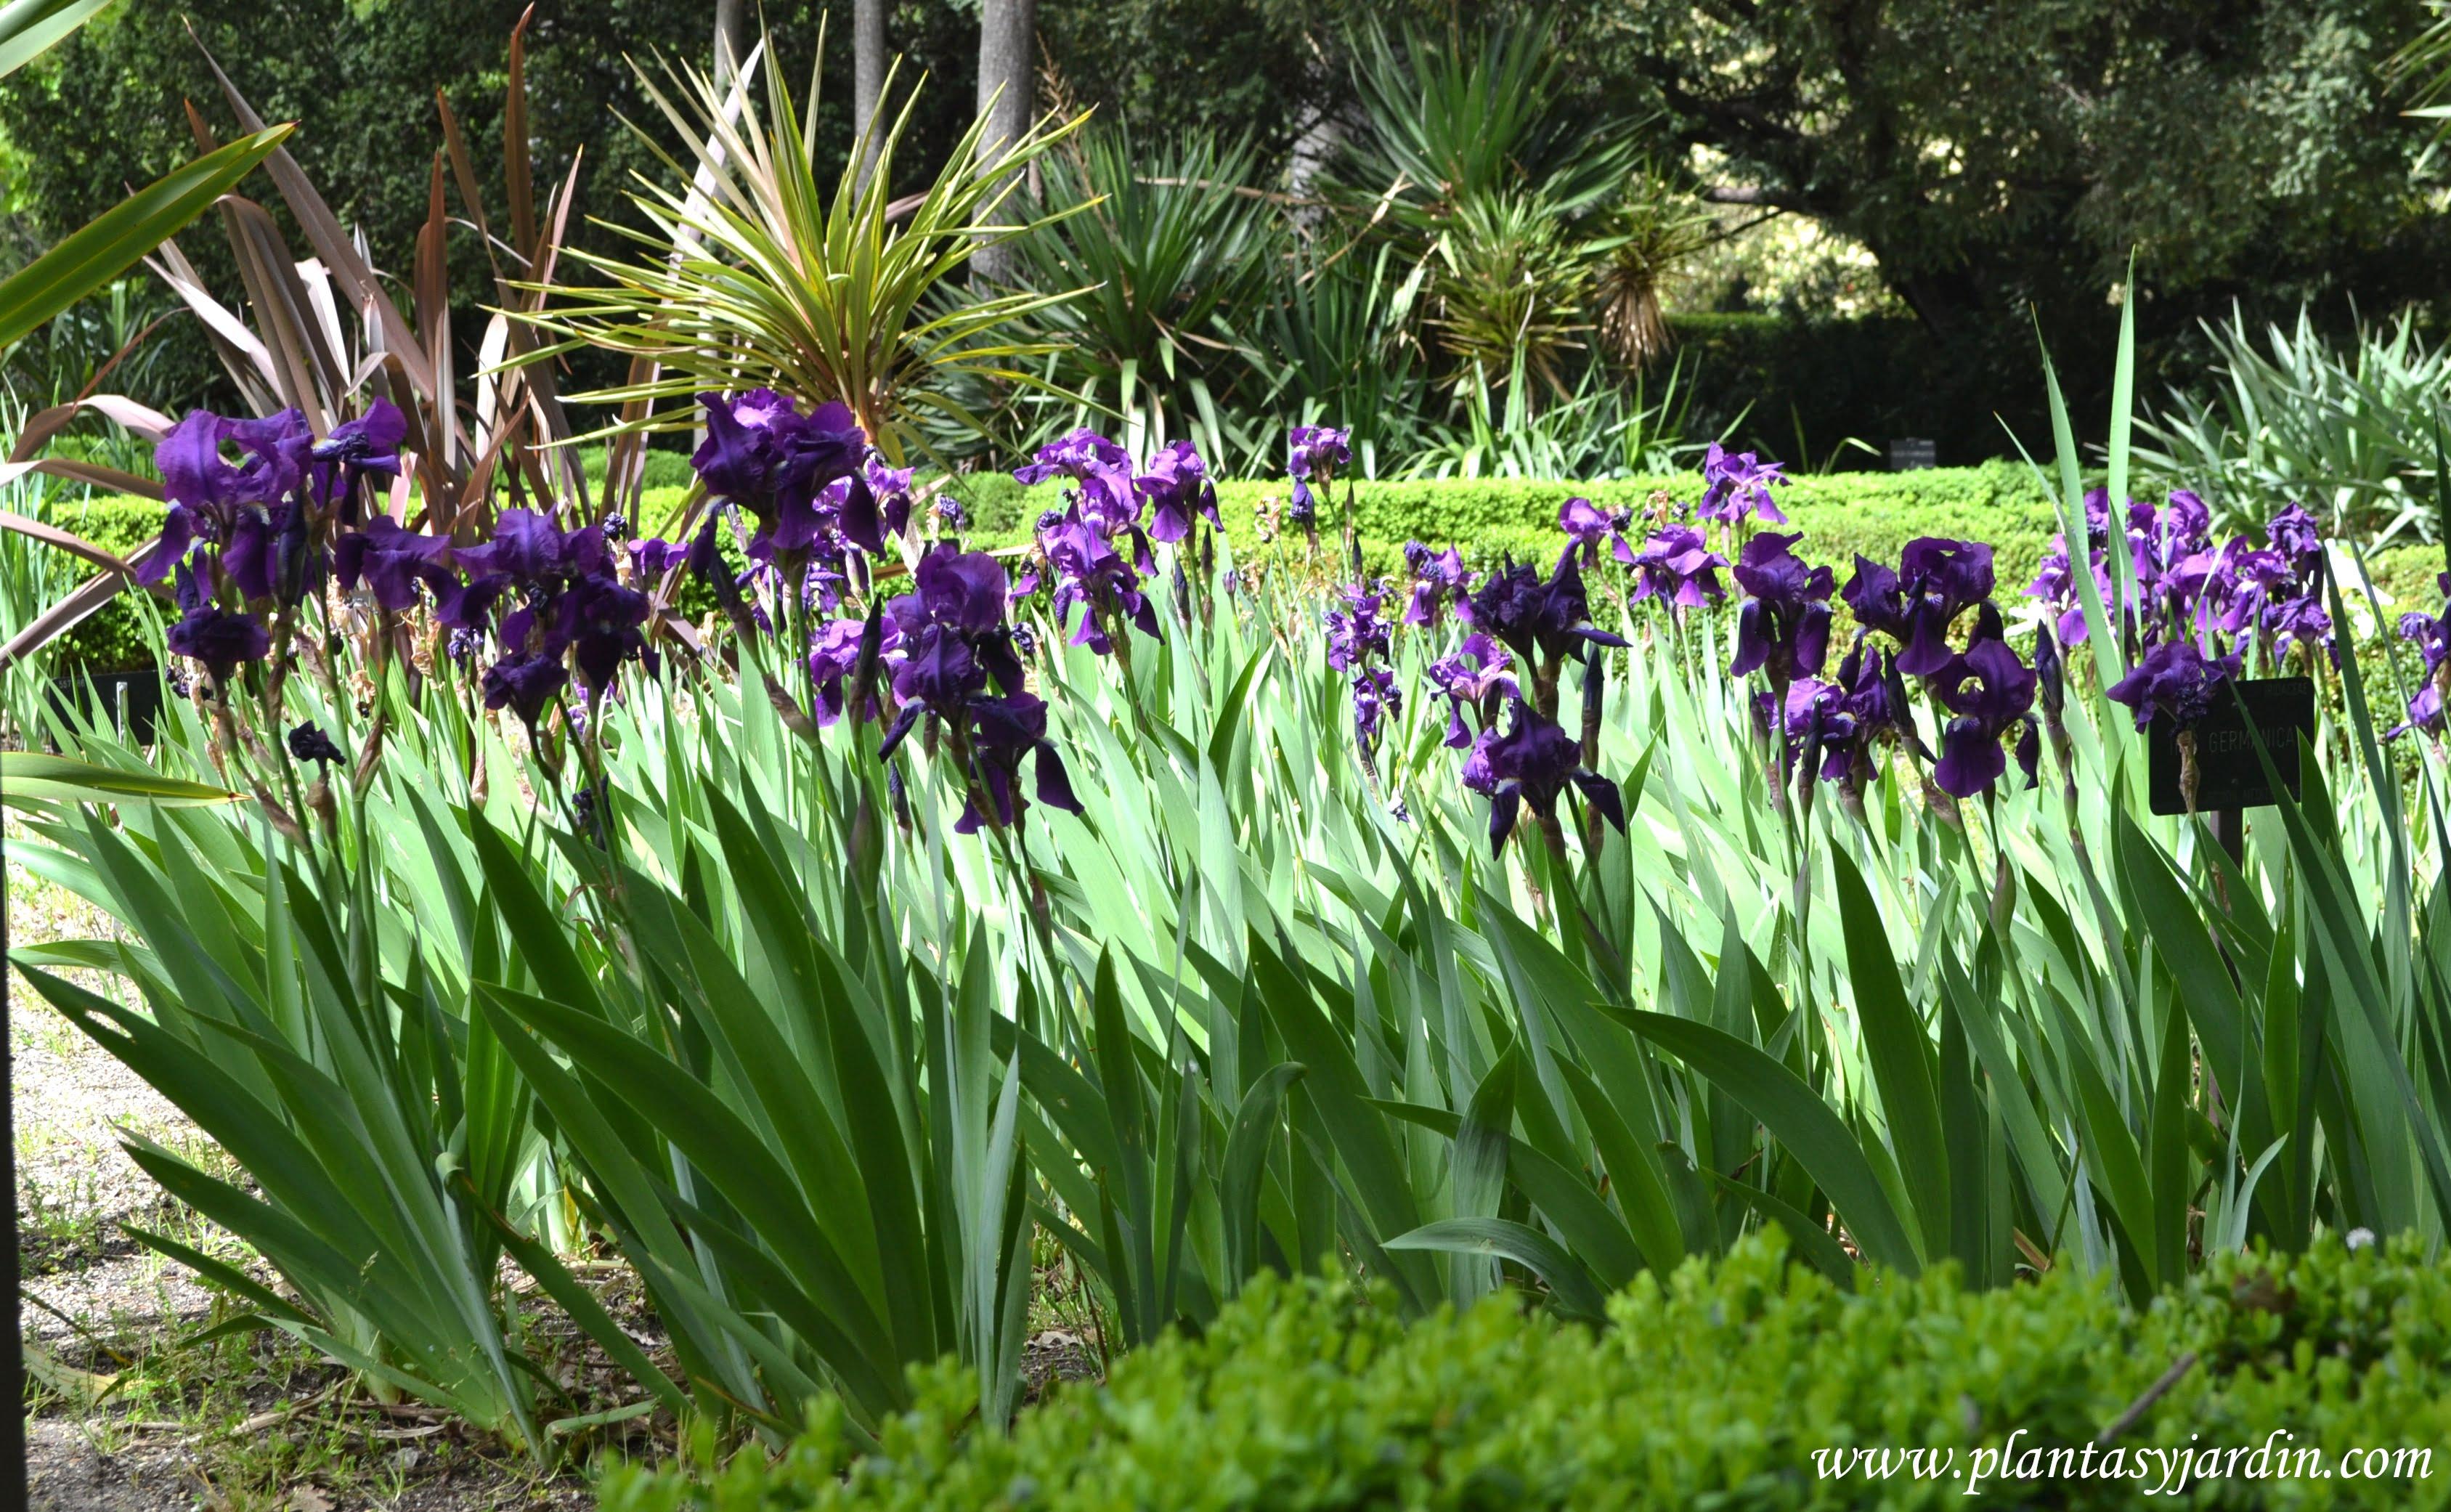 Iris germanica lirio c rdeno lirio azul plantas jard n - Iris germanica ...